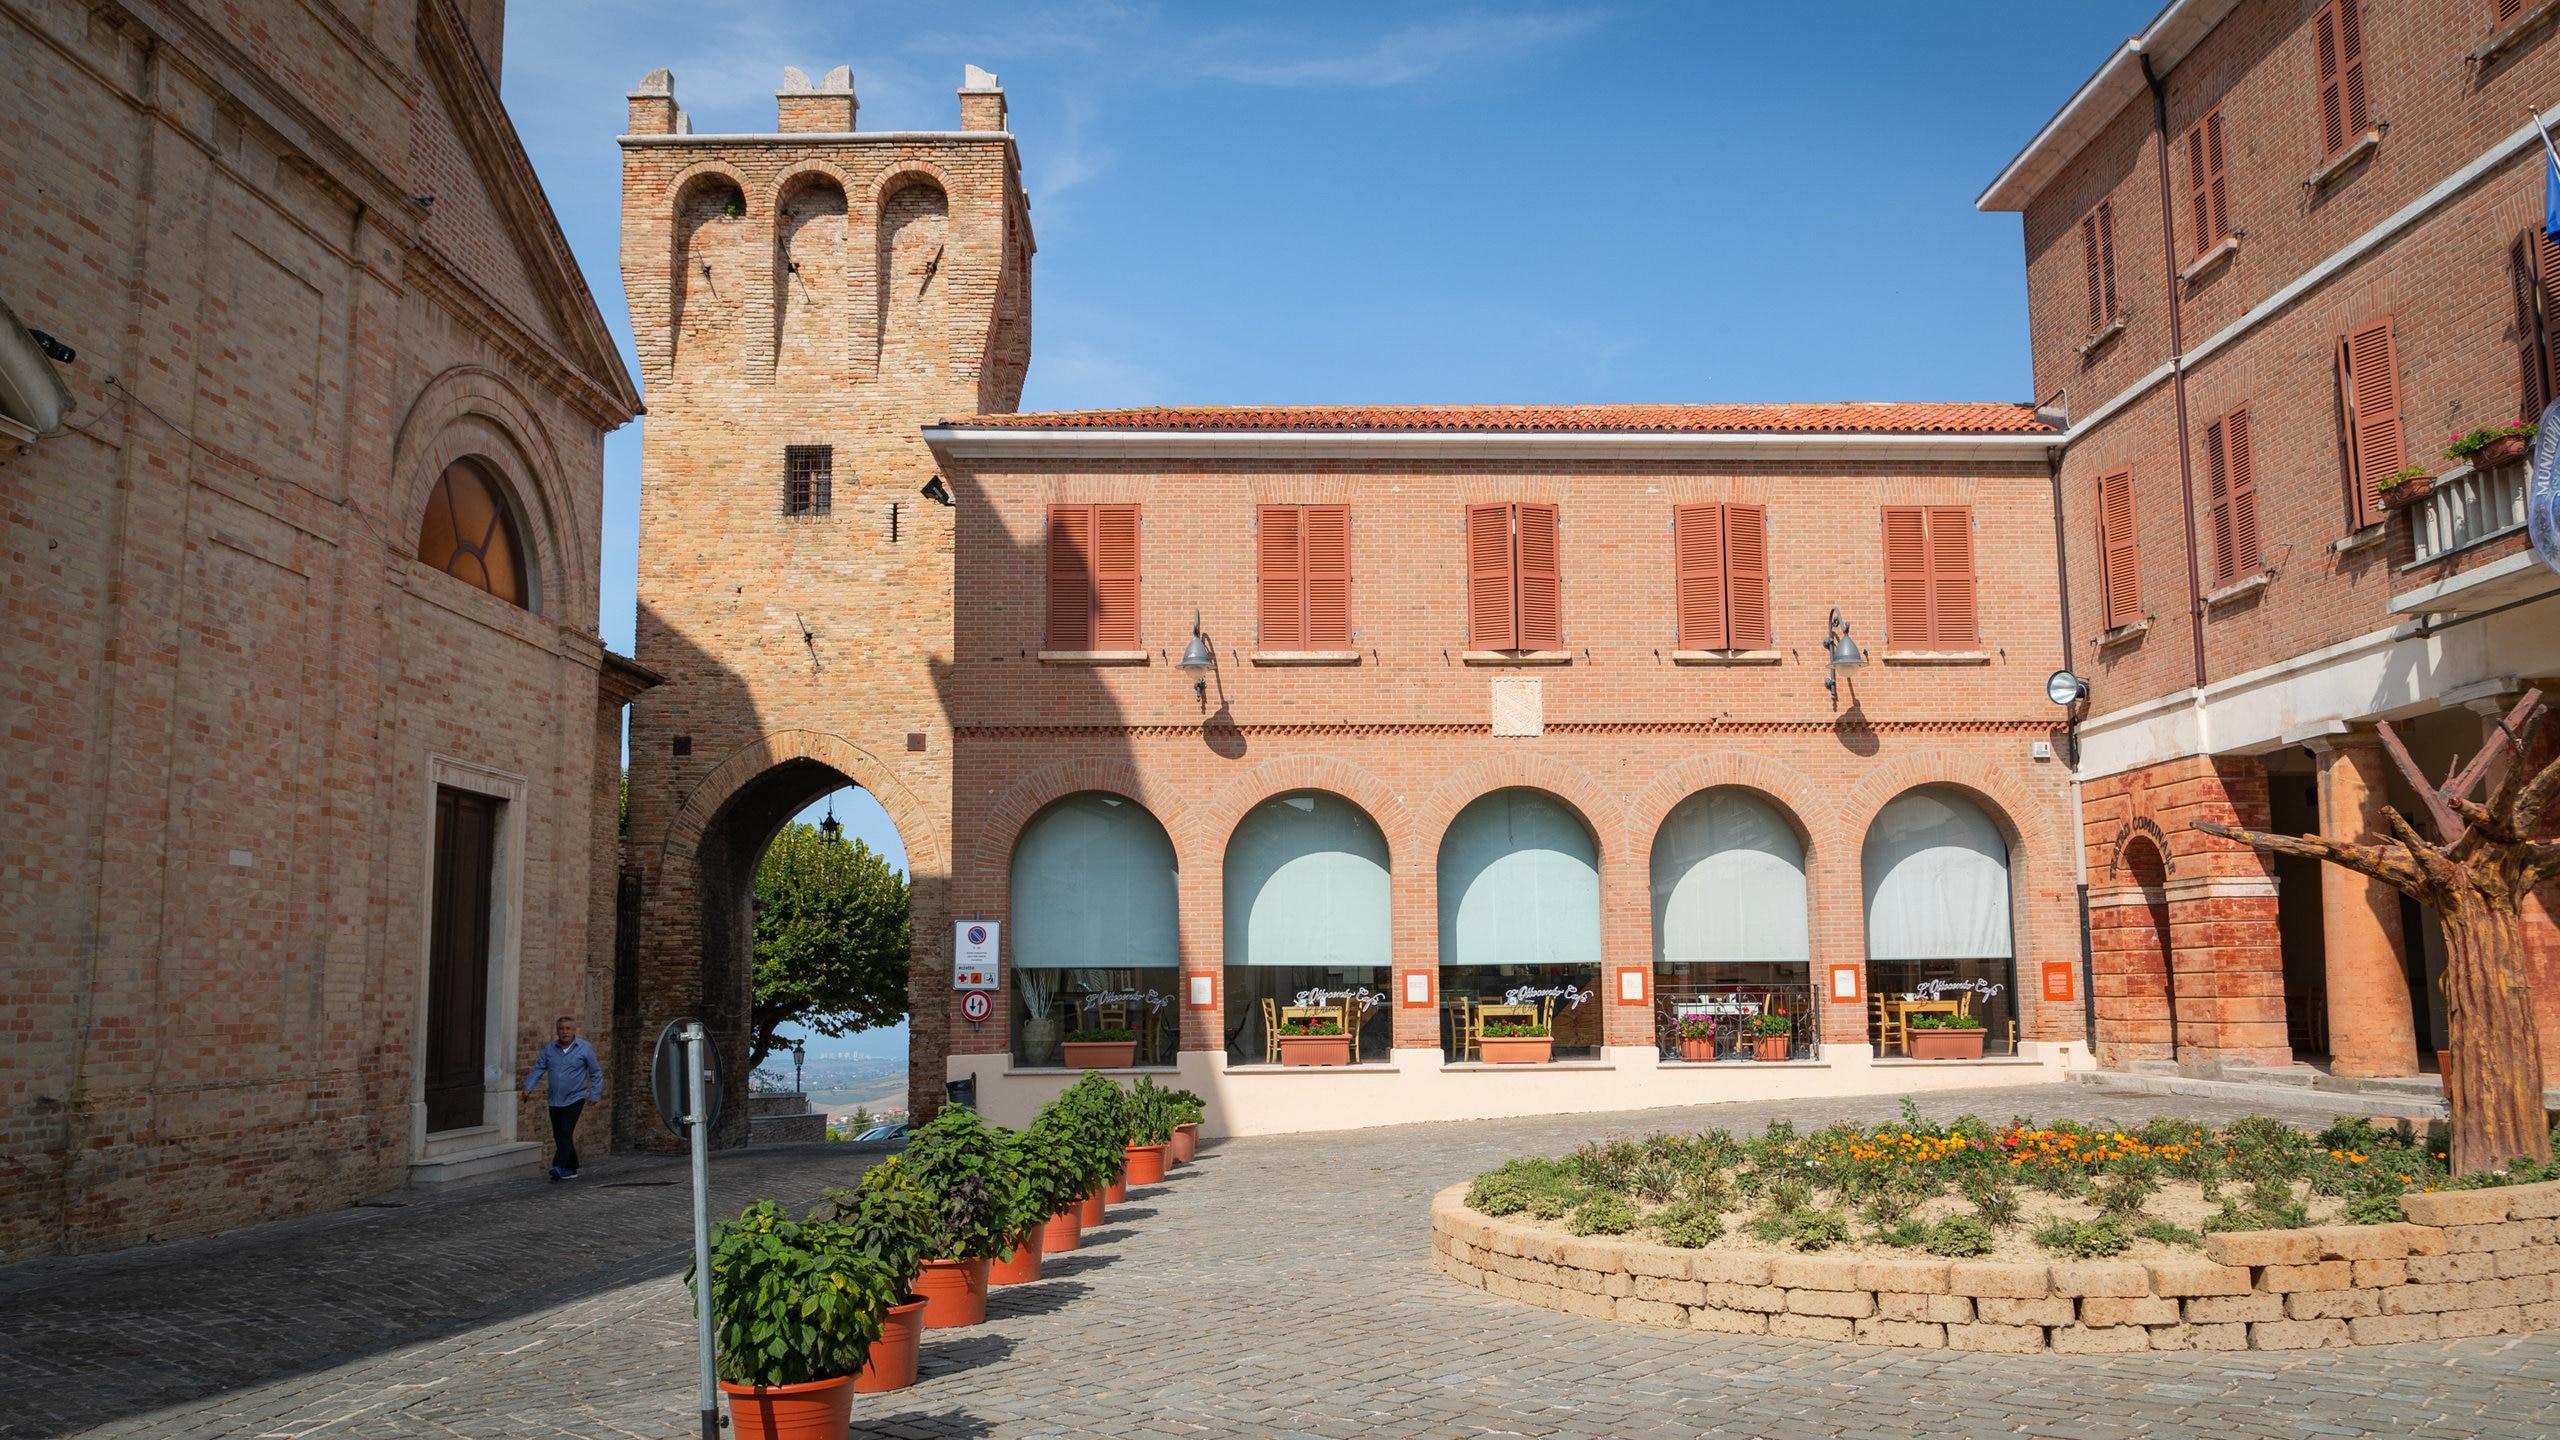 Saludecio, Emilia-Romagna, Italië